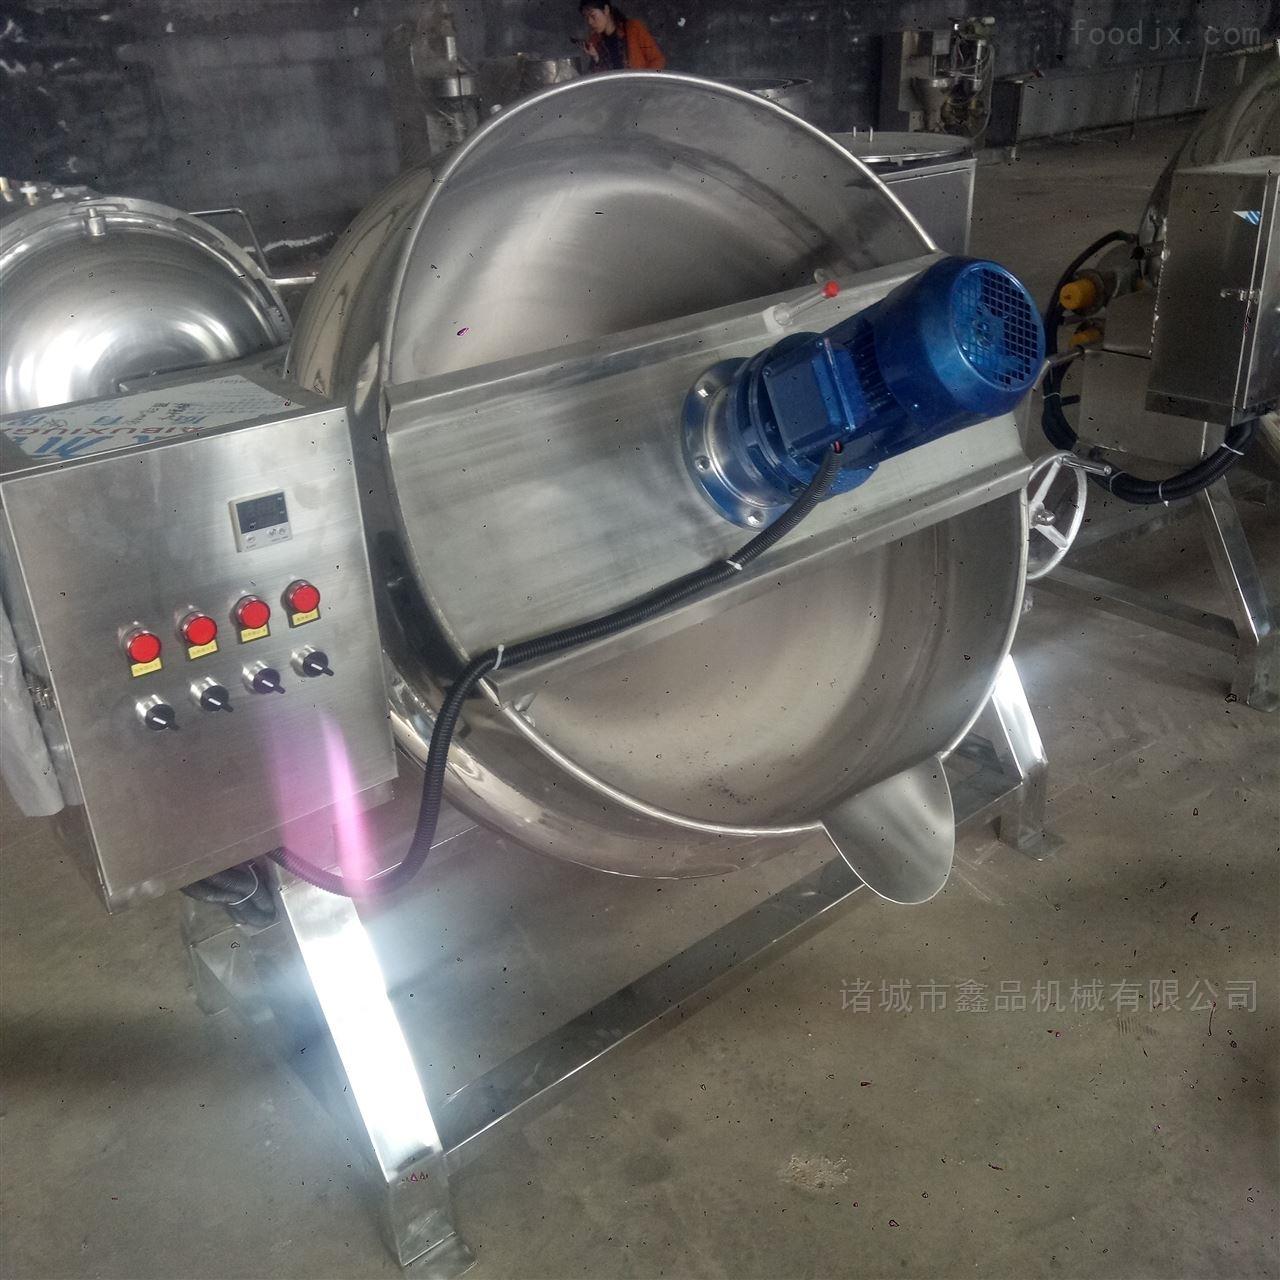 多功能燃气夹层锅